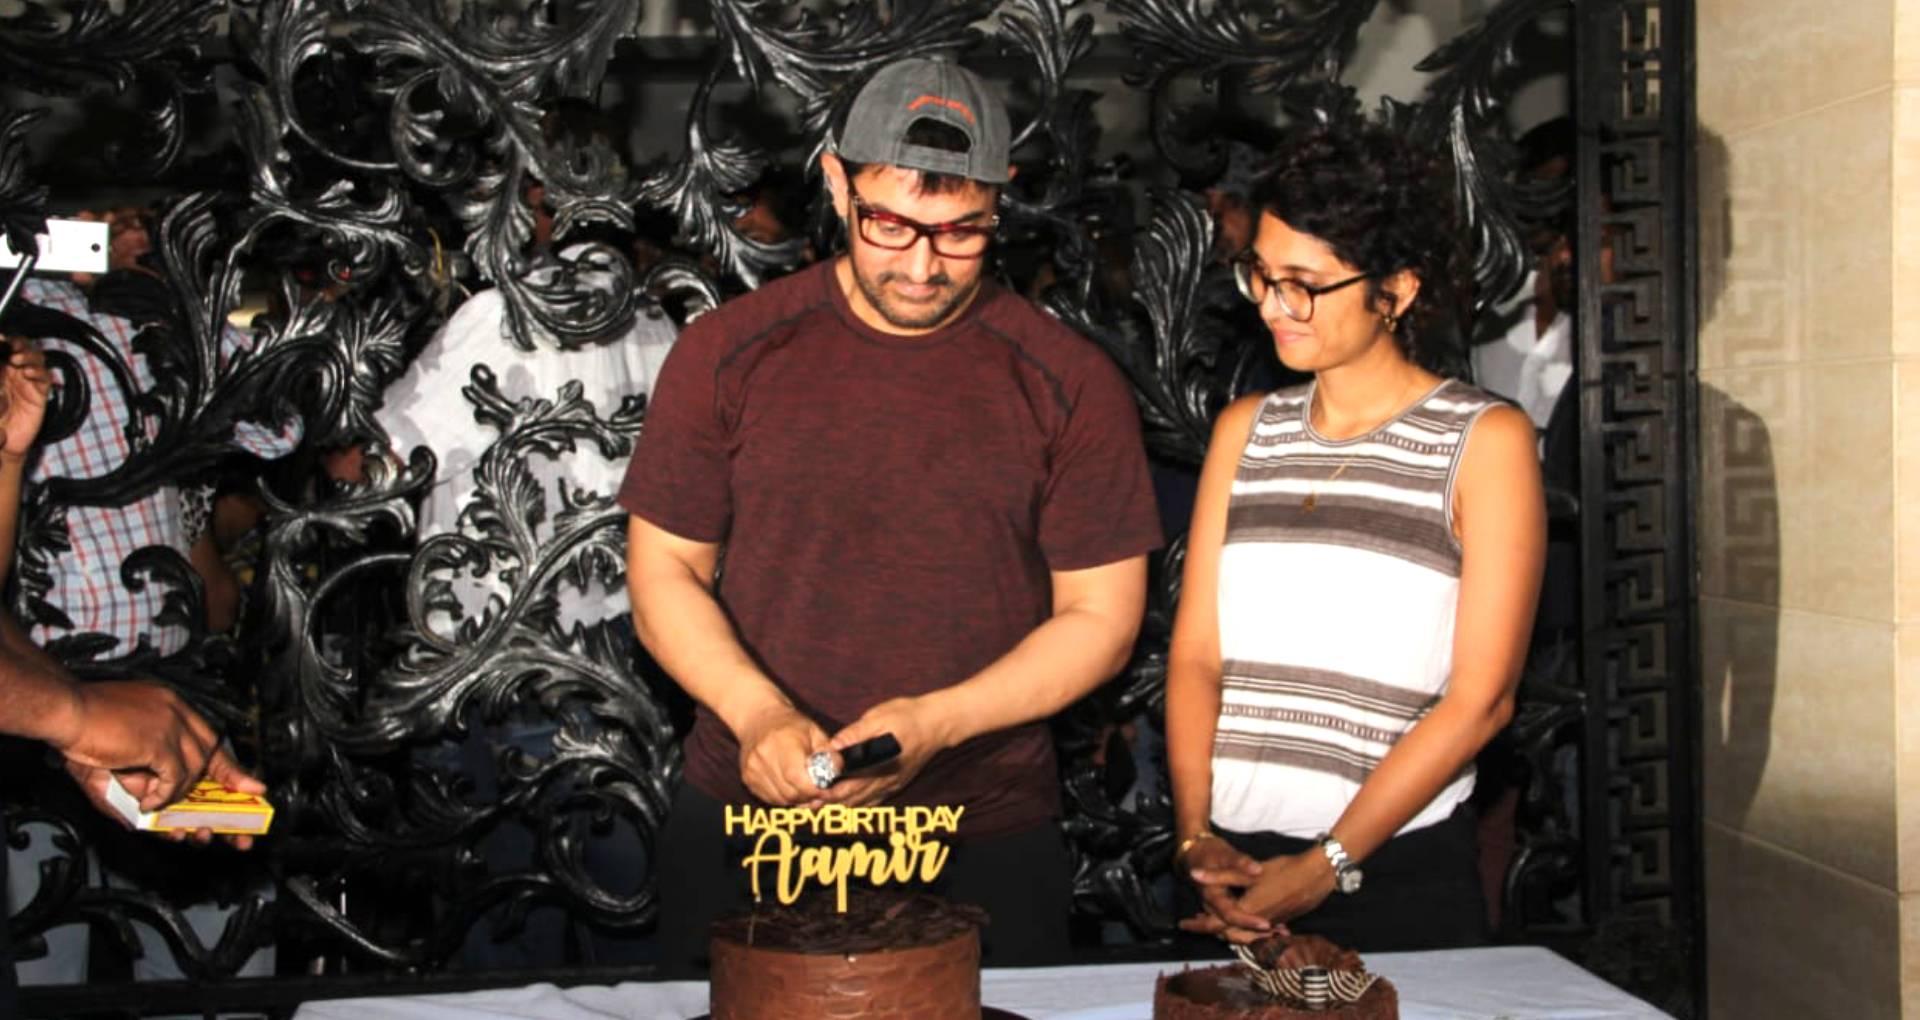 आमिर खान ने बर्थडे पर किया अपनी आने वाली फिल्म का ऐलान, किरदार निभाने के लिए घटाएंगे 20 किलो वजन